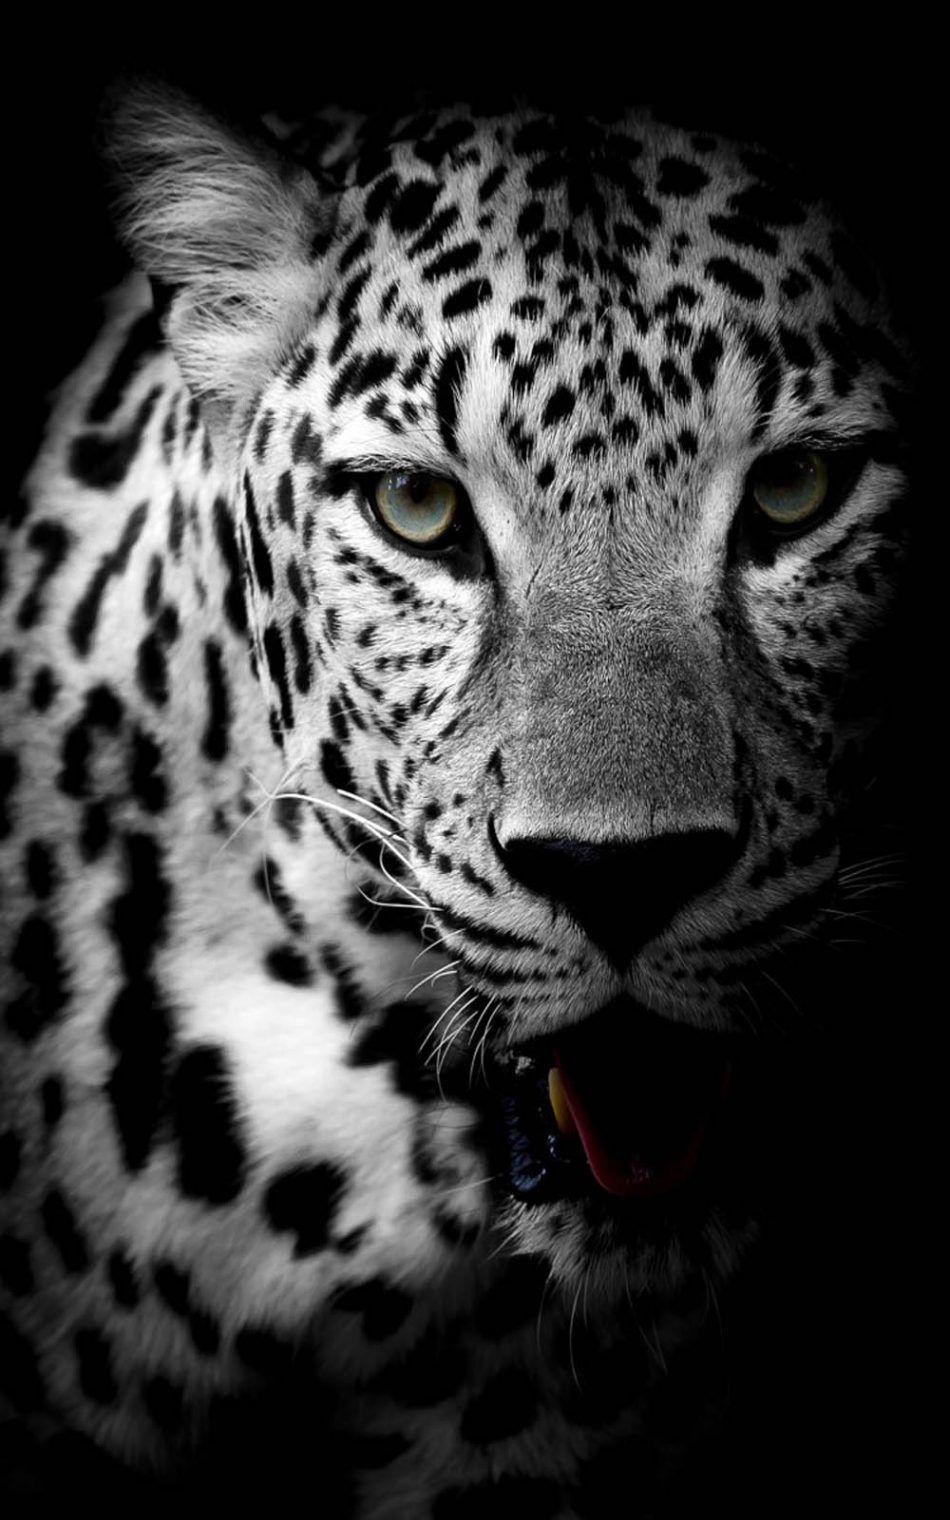 Leopard Black & White Free 4K Ultra HD Mobile Wallpaper in